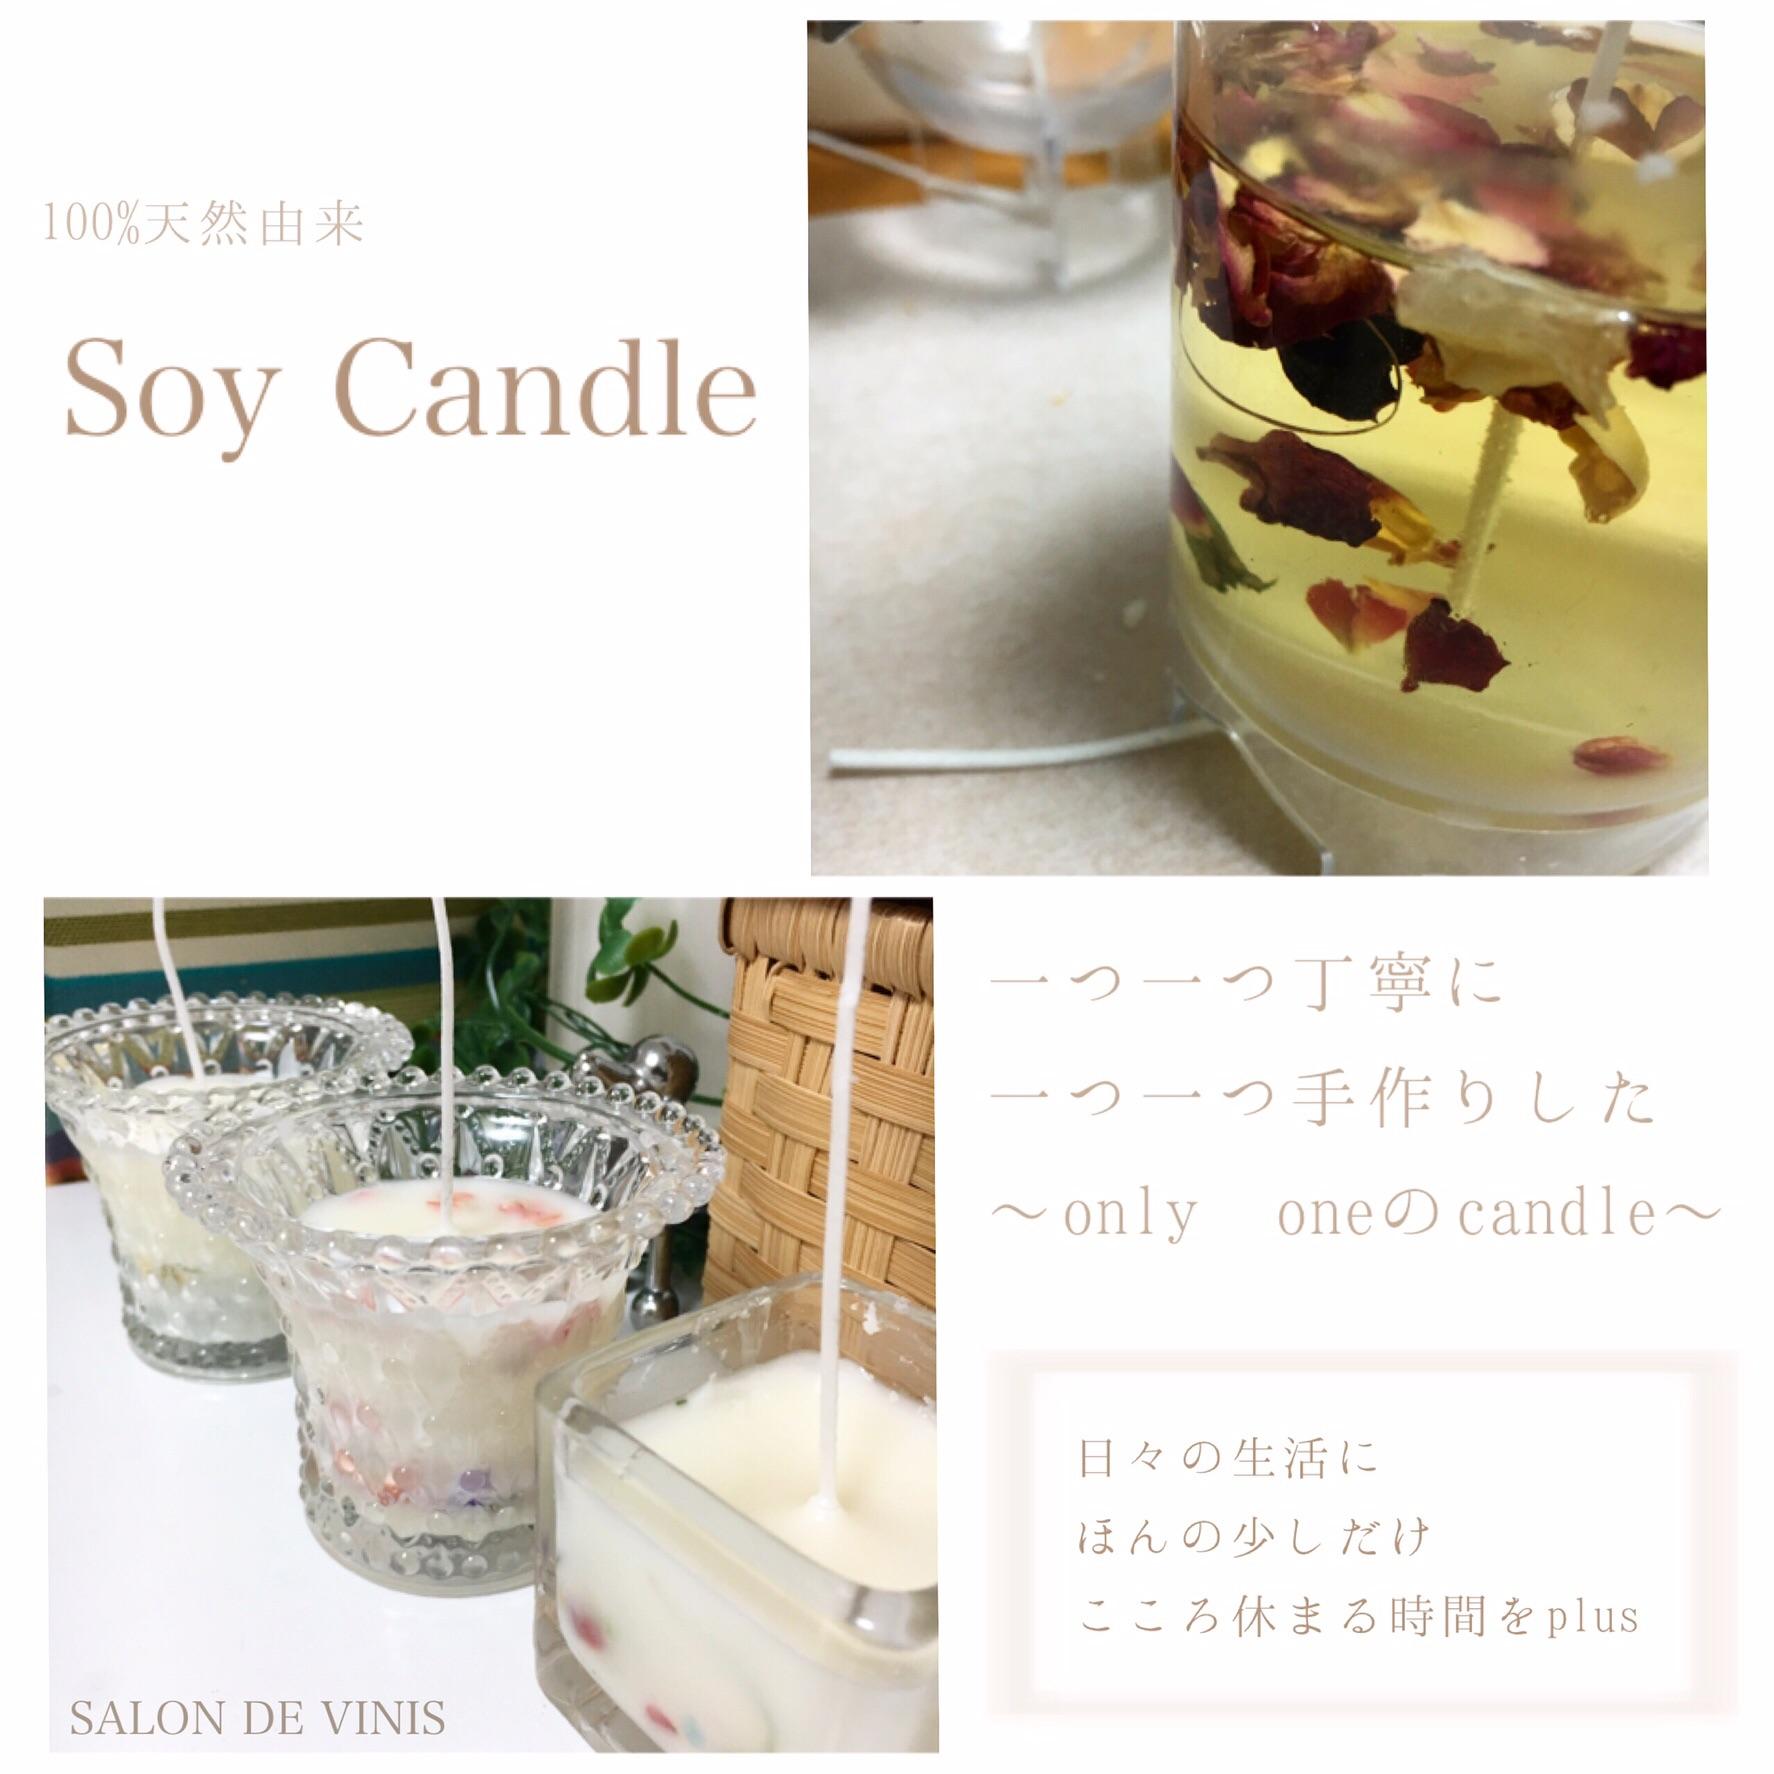 soycandle